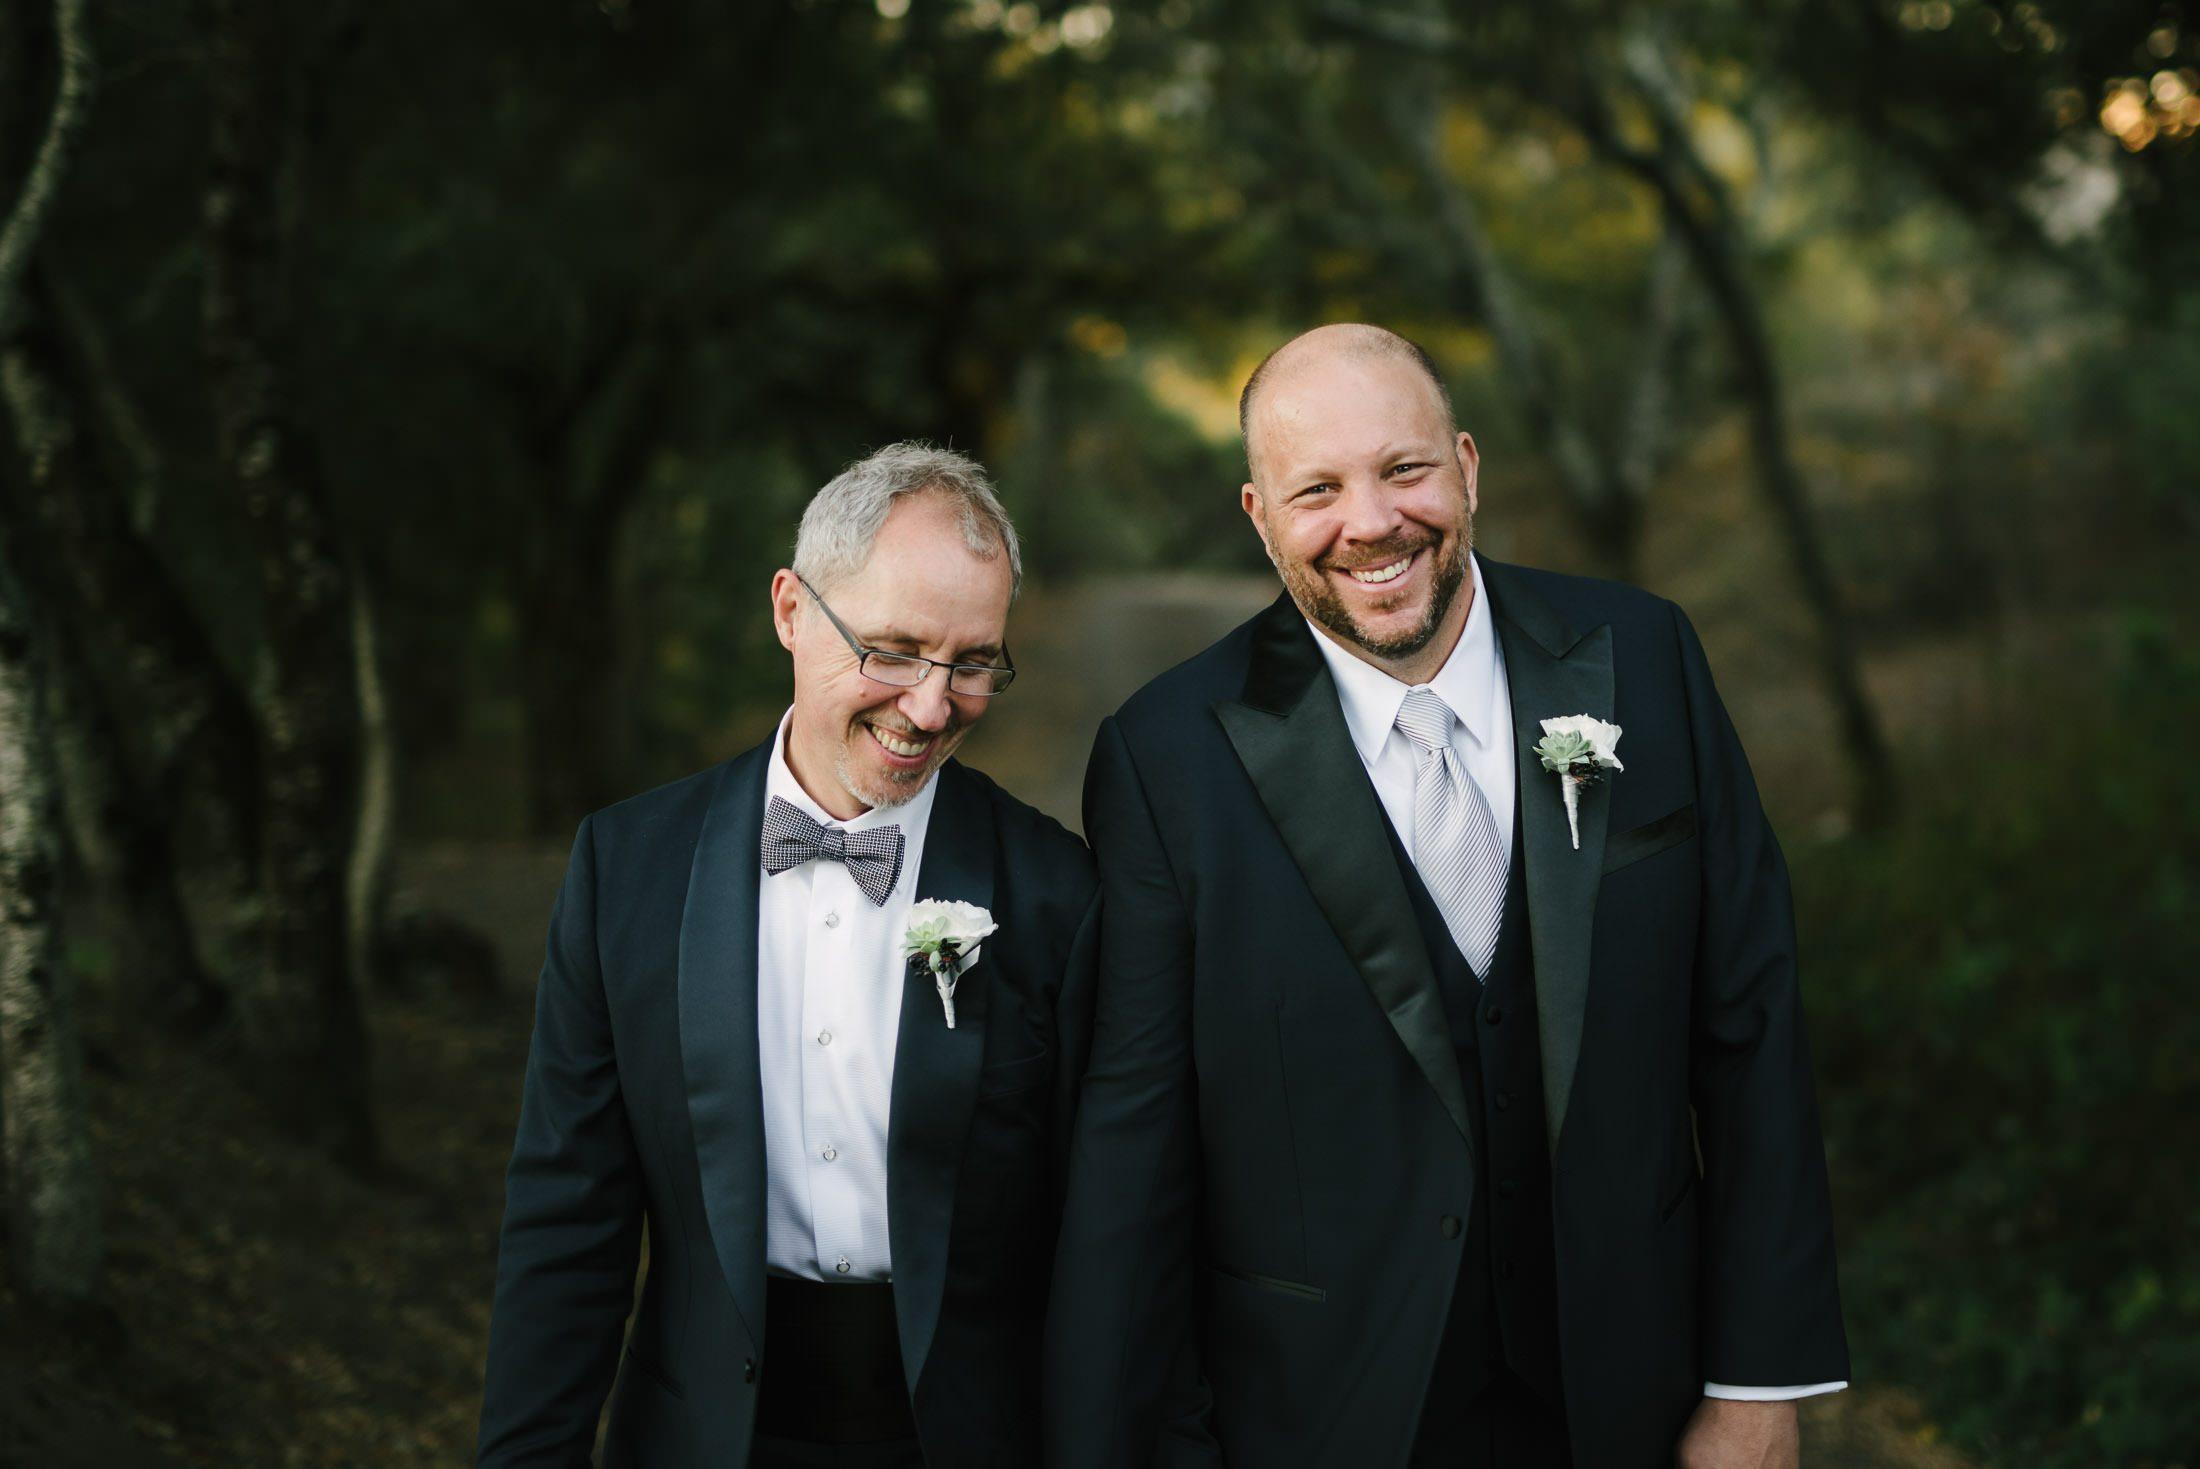 fun same sex couple hans fahden wedding